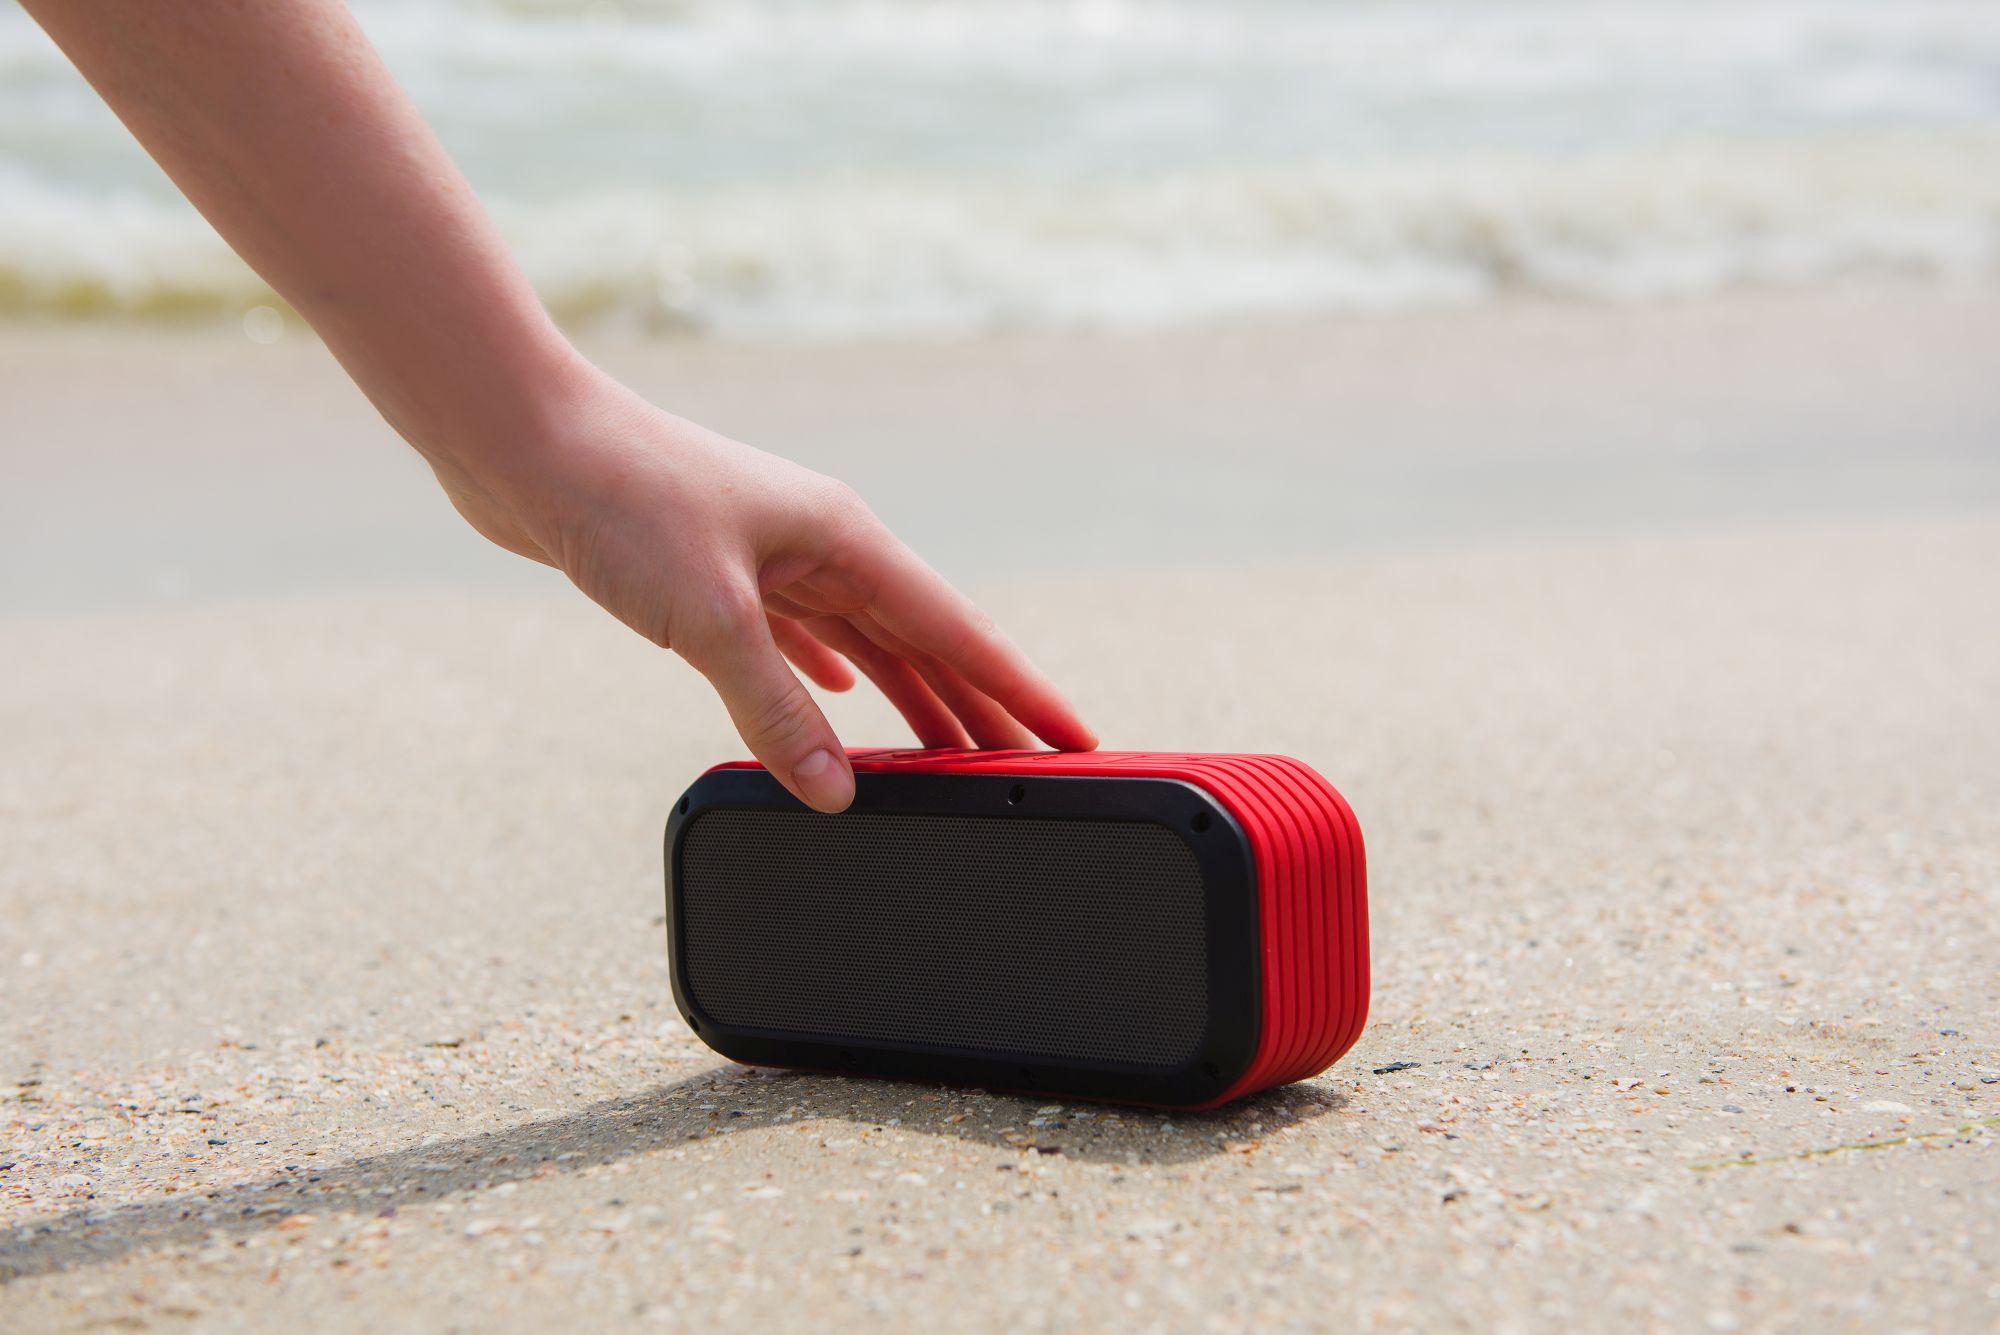 Bluetooth hangszóró bekapcsolása a strandon